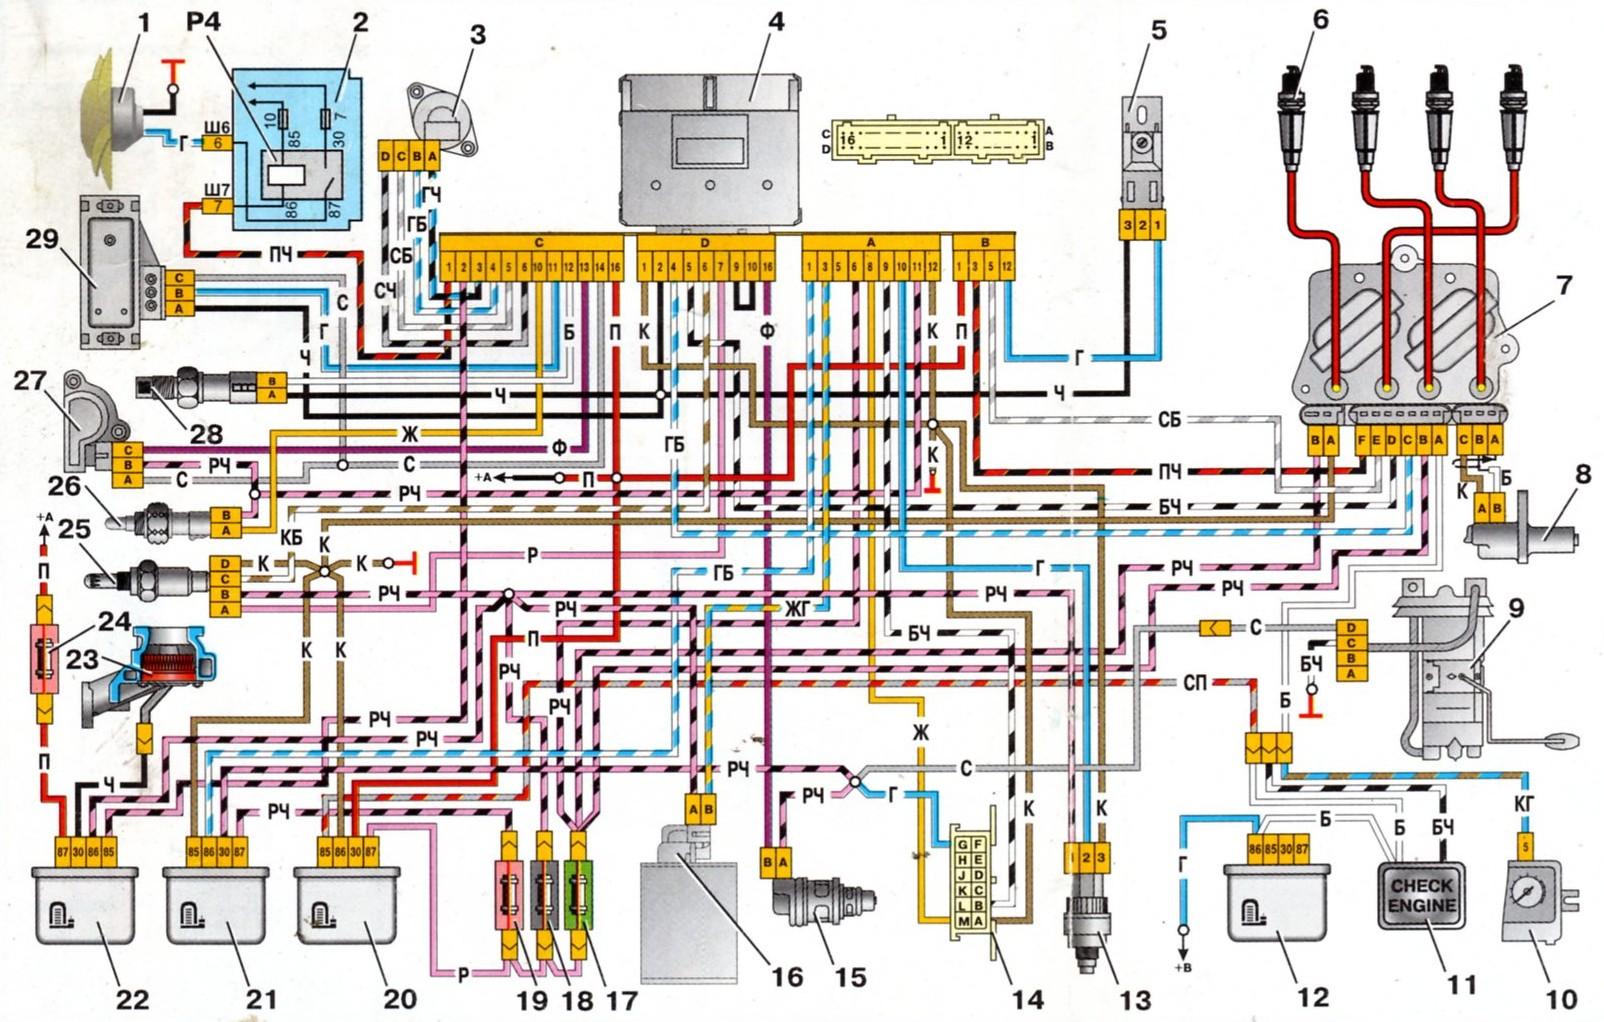 схема подключения датчика температуры на ваз 21093